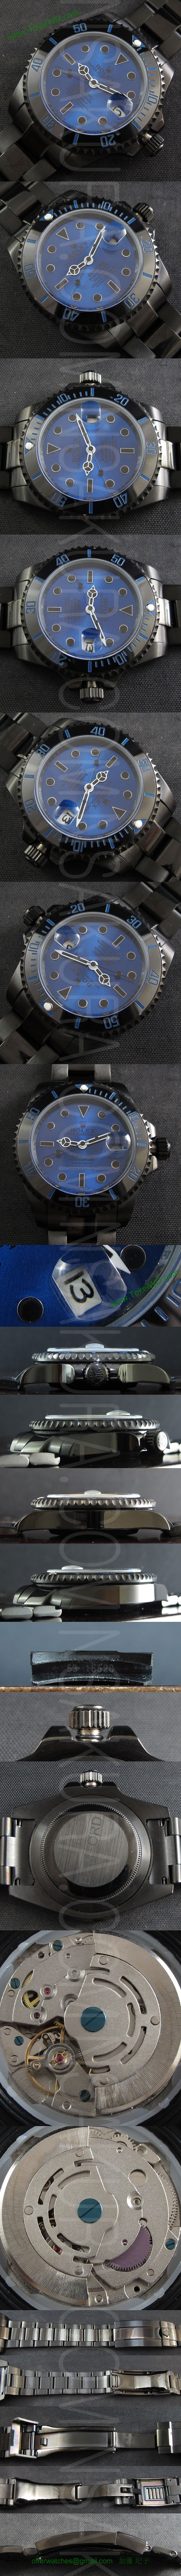 ロレックス 2015JASFI3G5IO5 コピー 時計